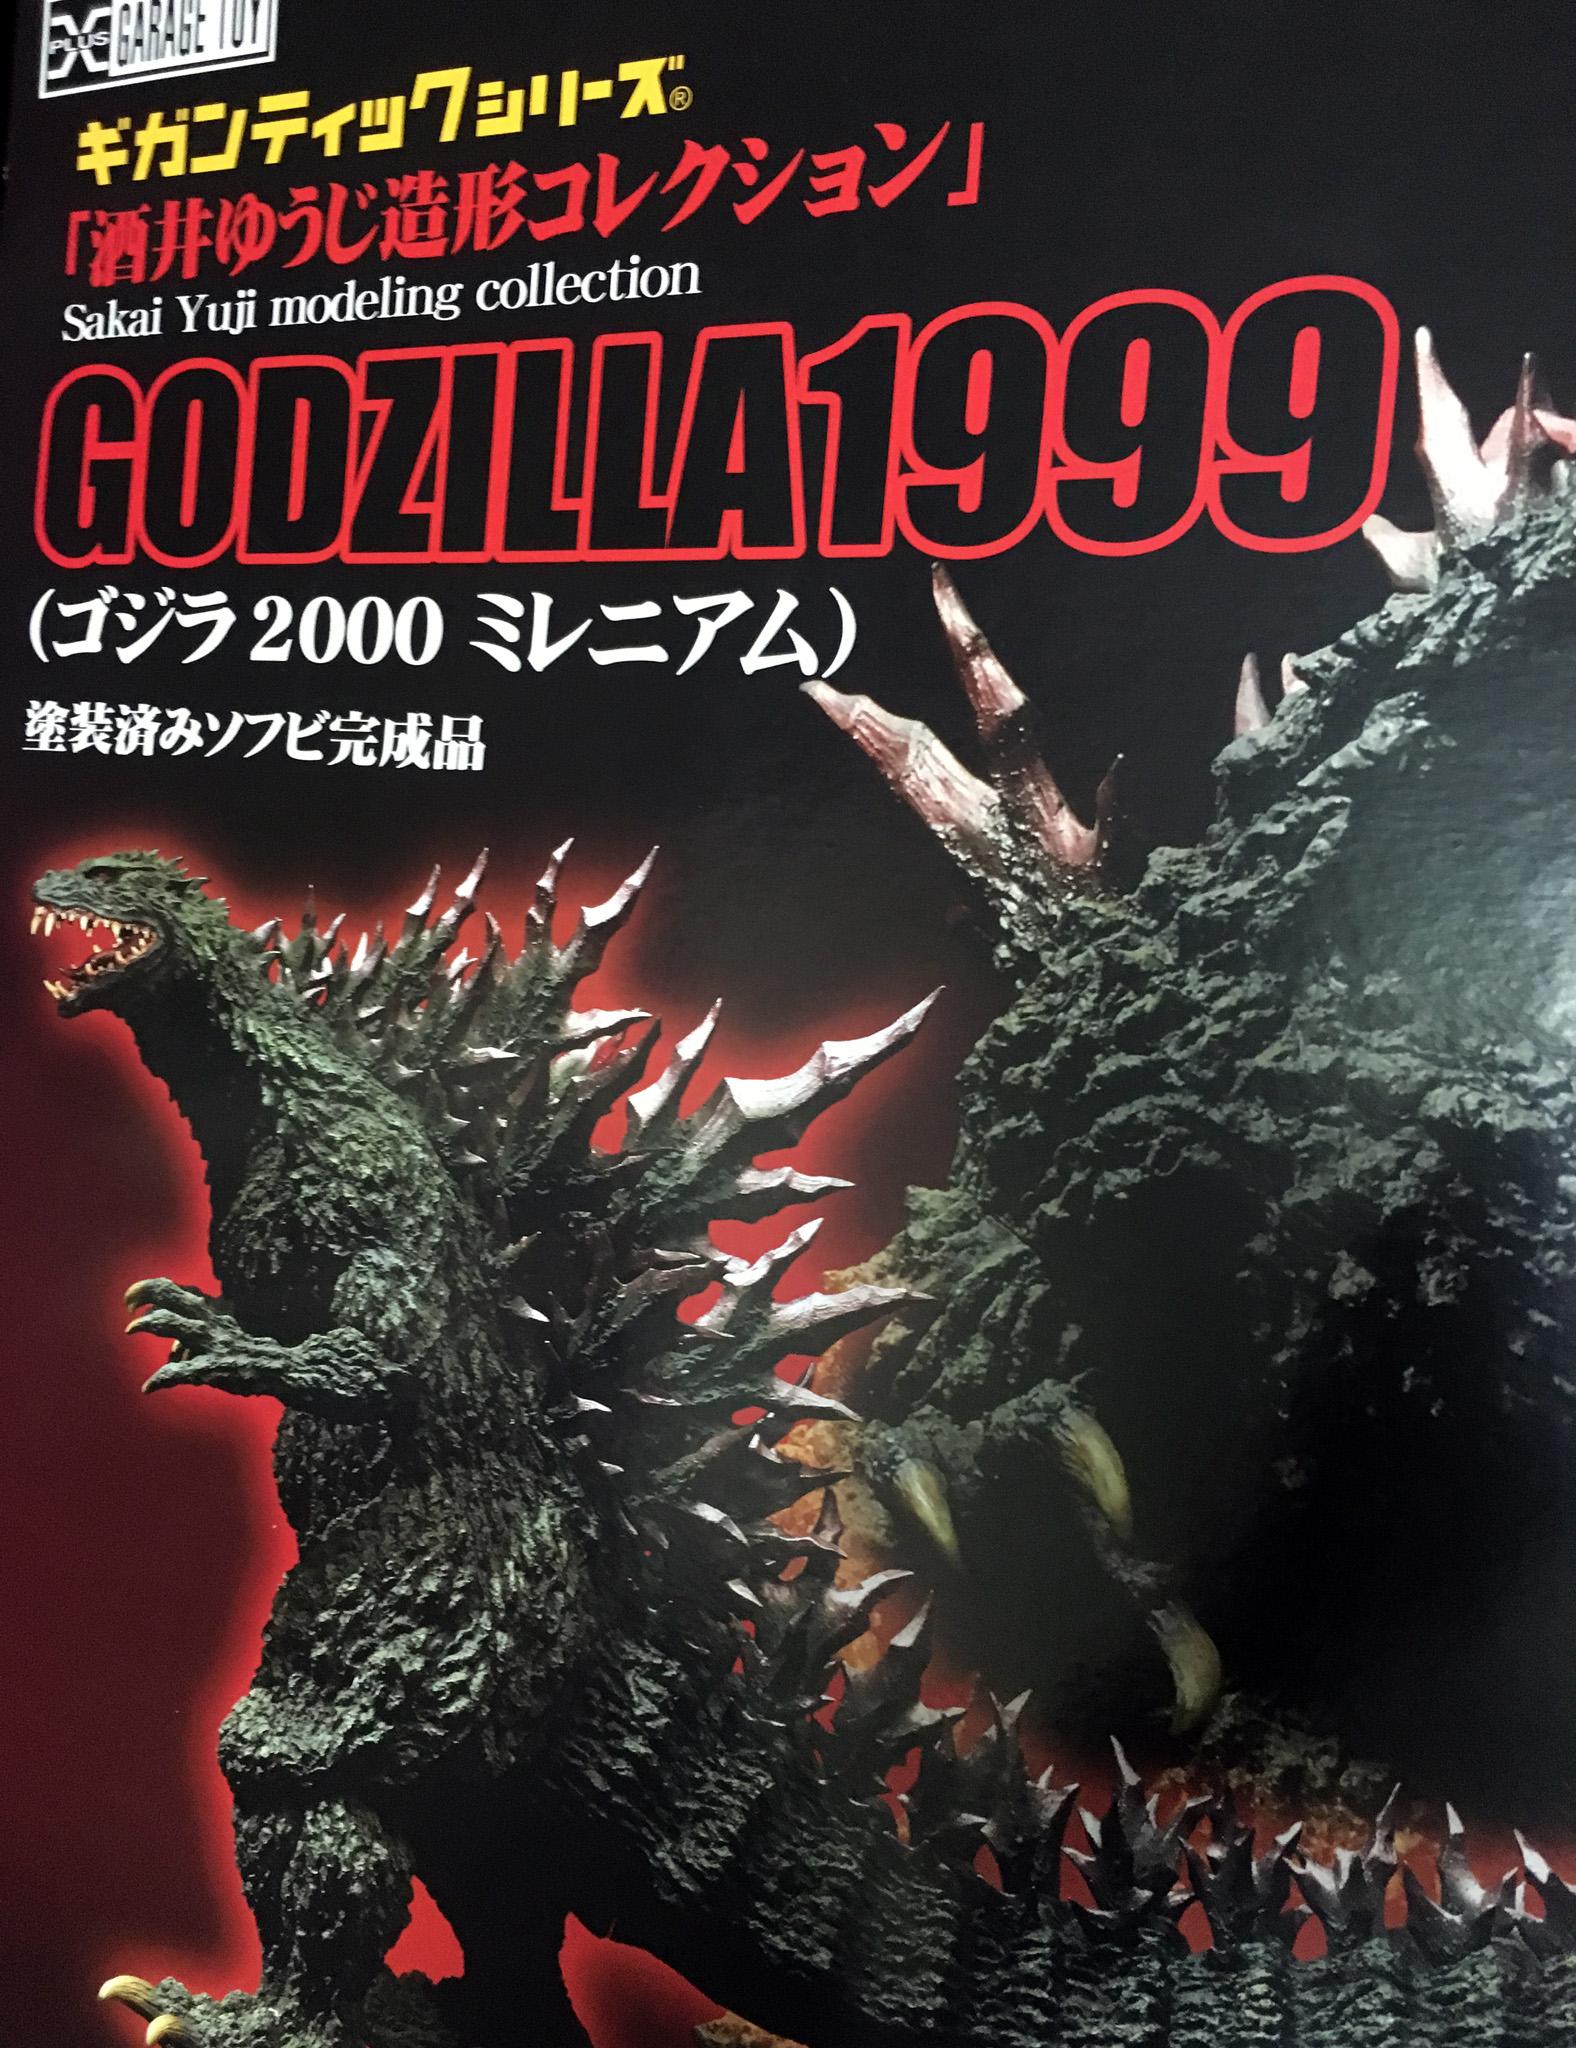 ギガンティックシリーズ 酒井ゆうじ 造形コレクション ゴジラ1999 パッケージ